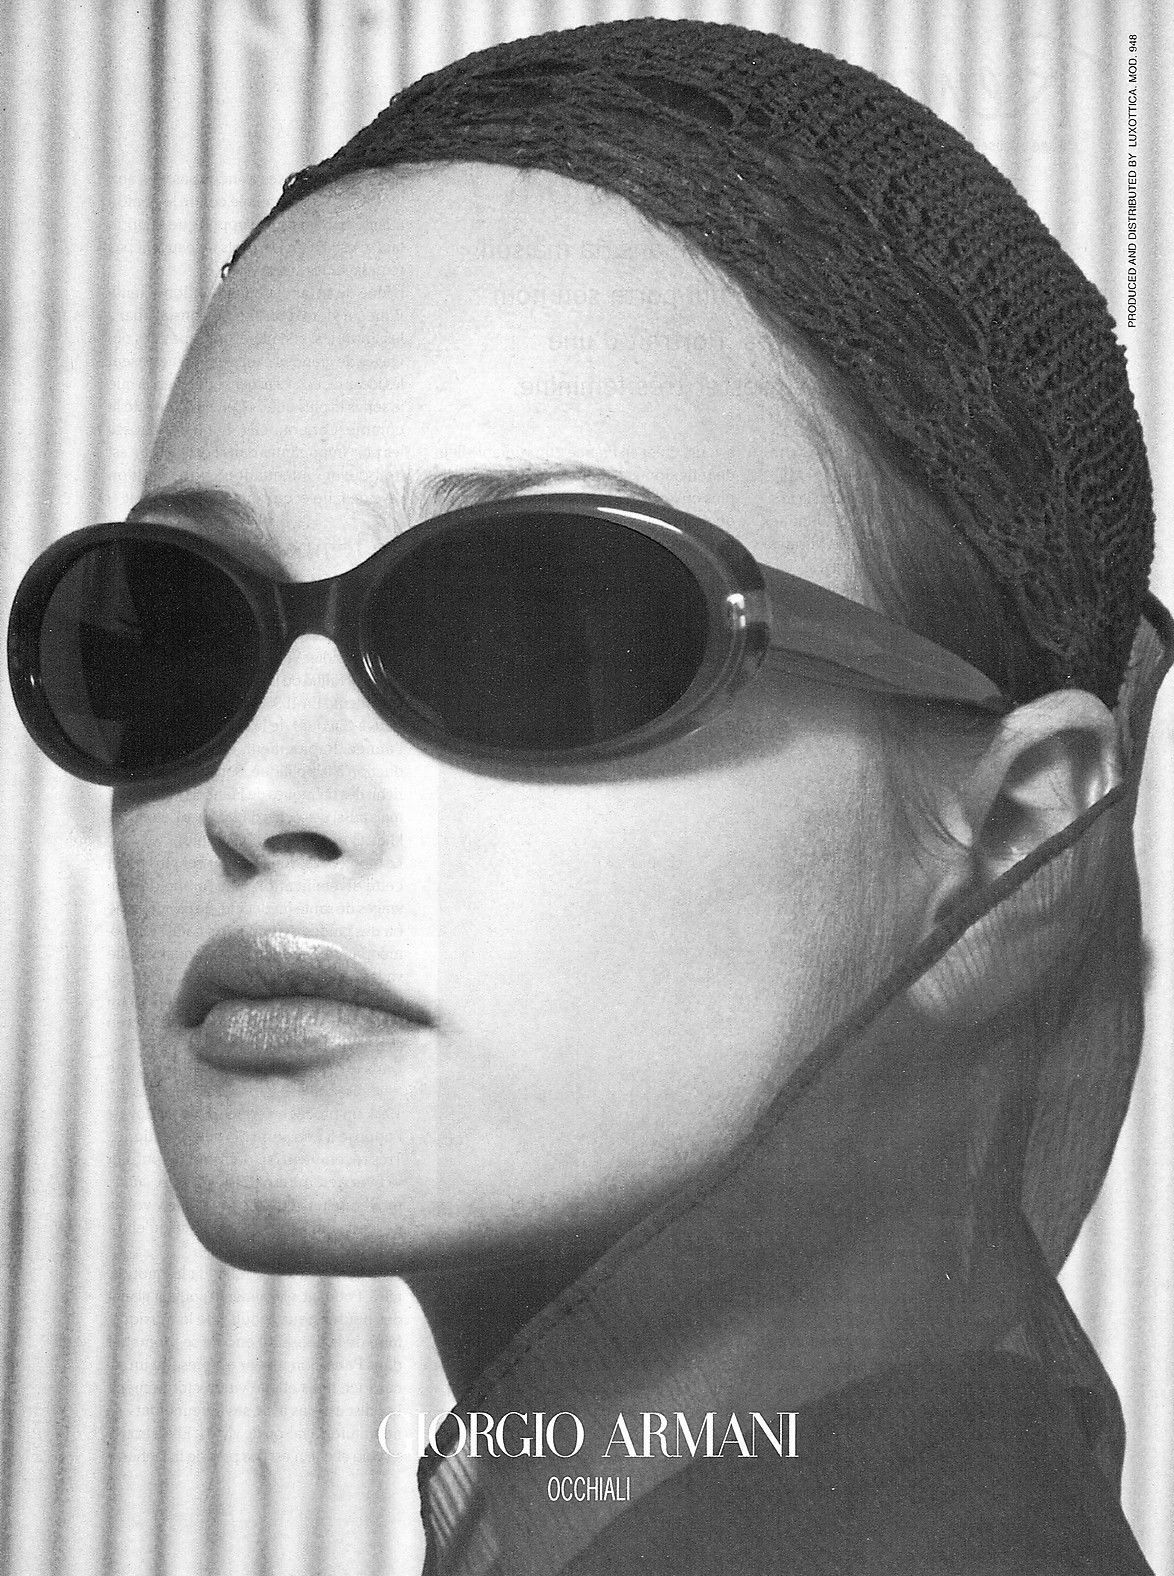 Giorgio Armani 90s Vintage Sunglasses Sunglasses Vintage Armani Glasses Eyewear Display